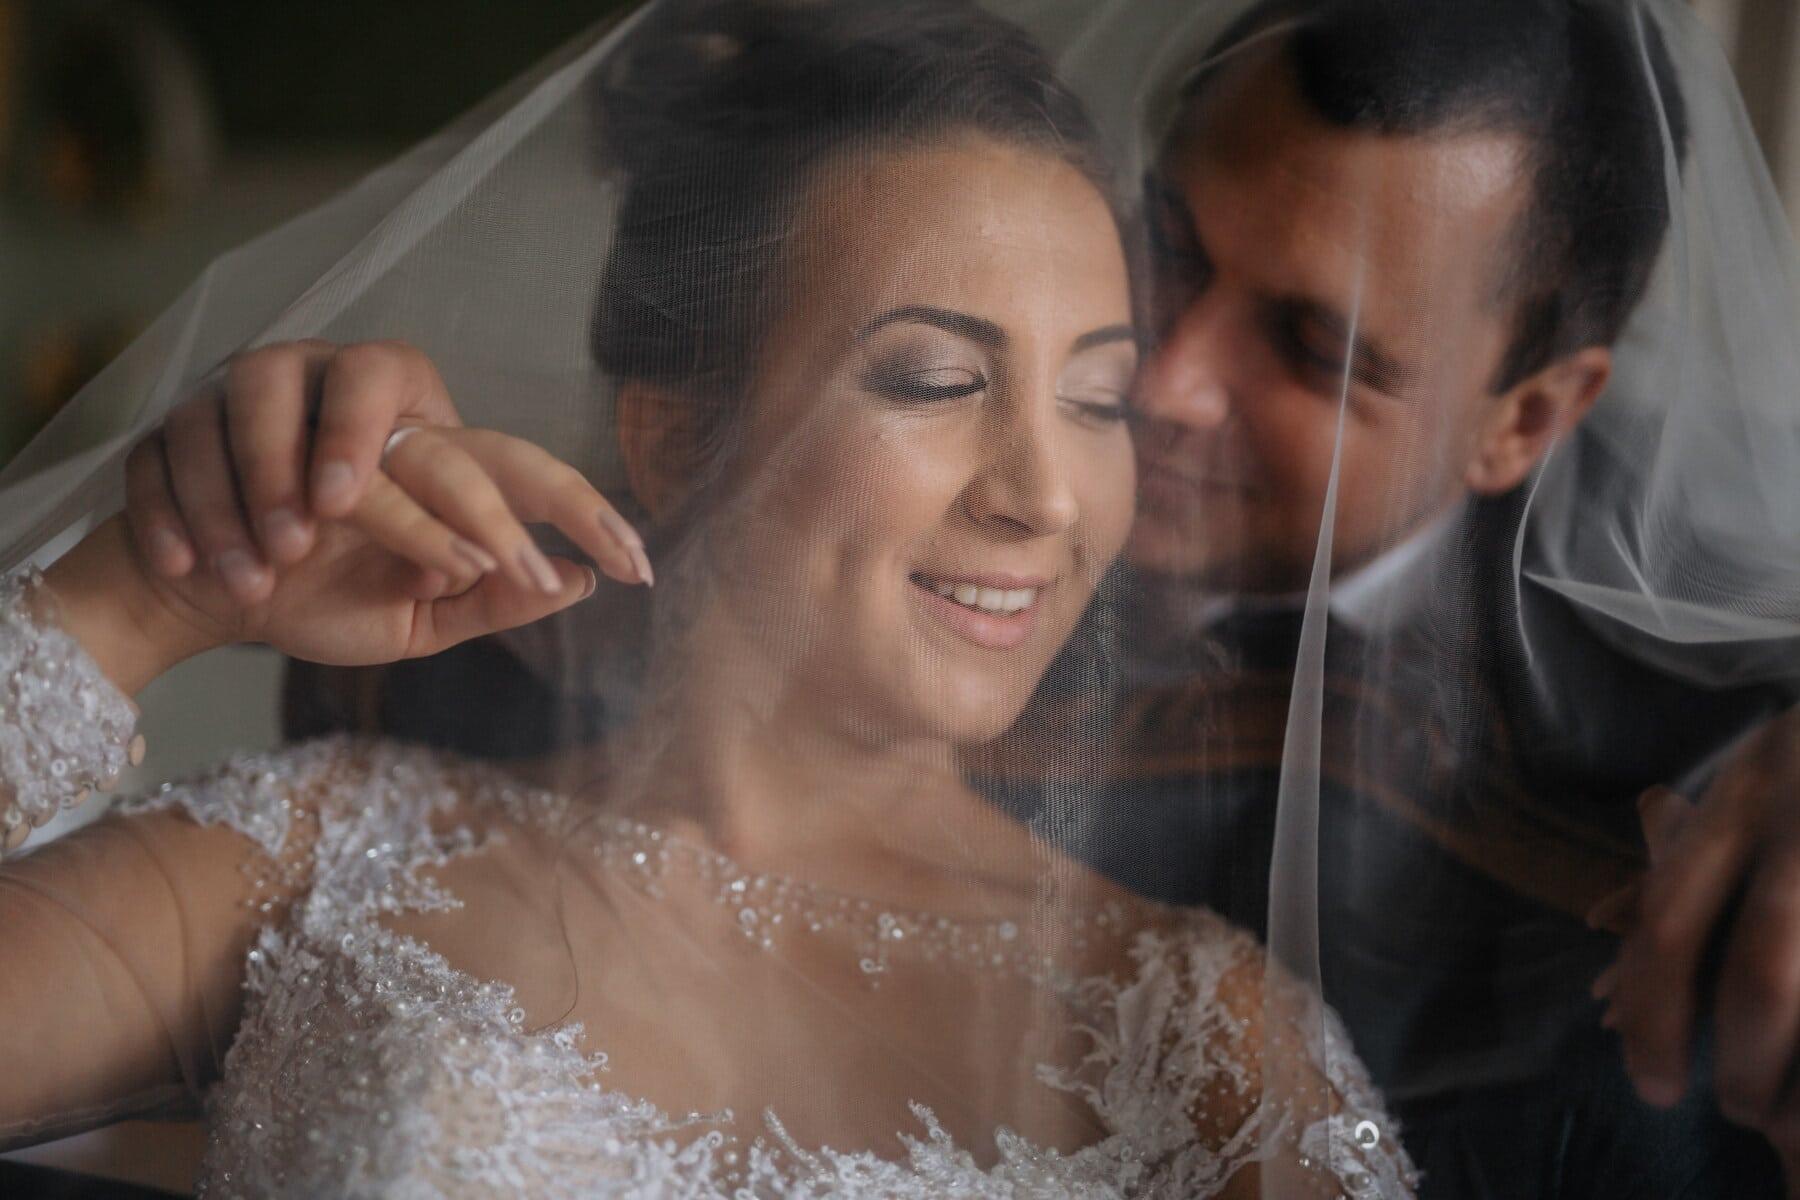 genêt à balais, la mariée, baiser, voile, en dessous, jeune marié, mariage, femme, amour, cérémonie